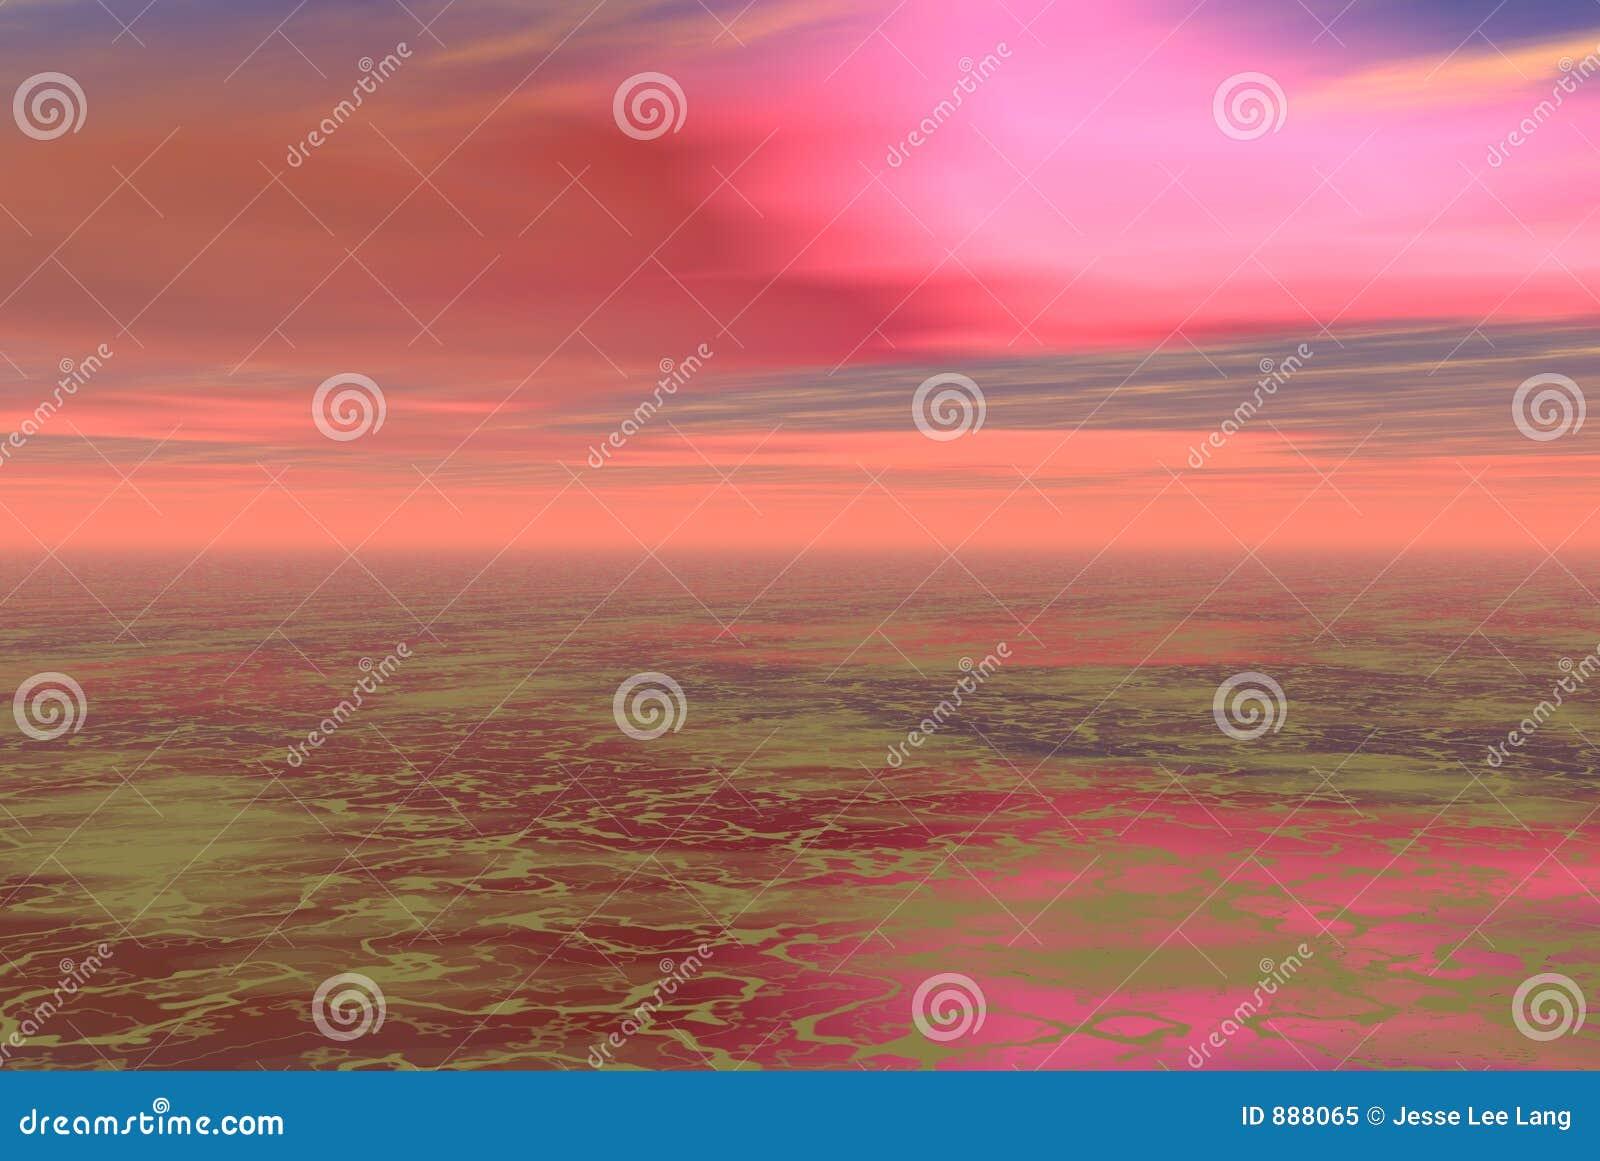 Różowe skys obcych